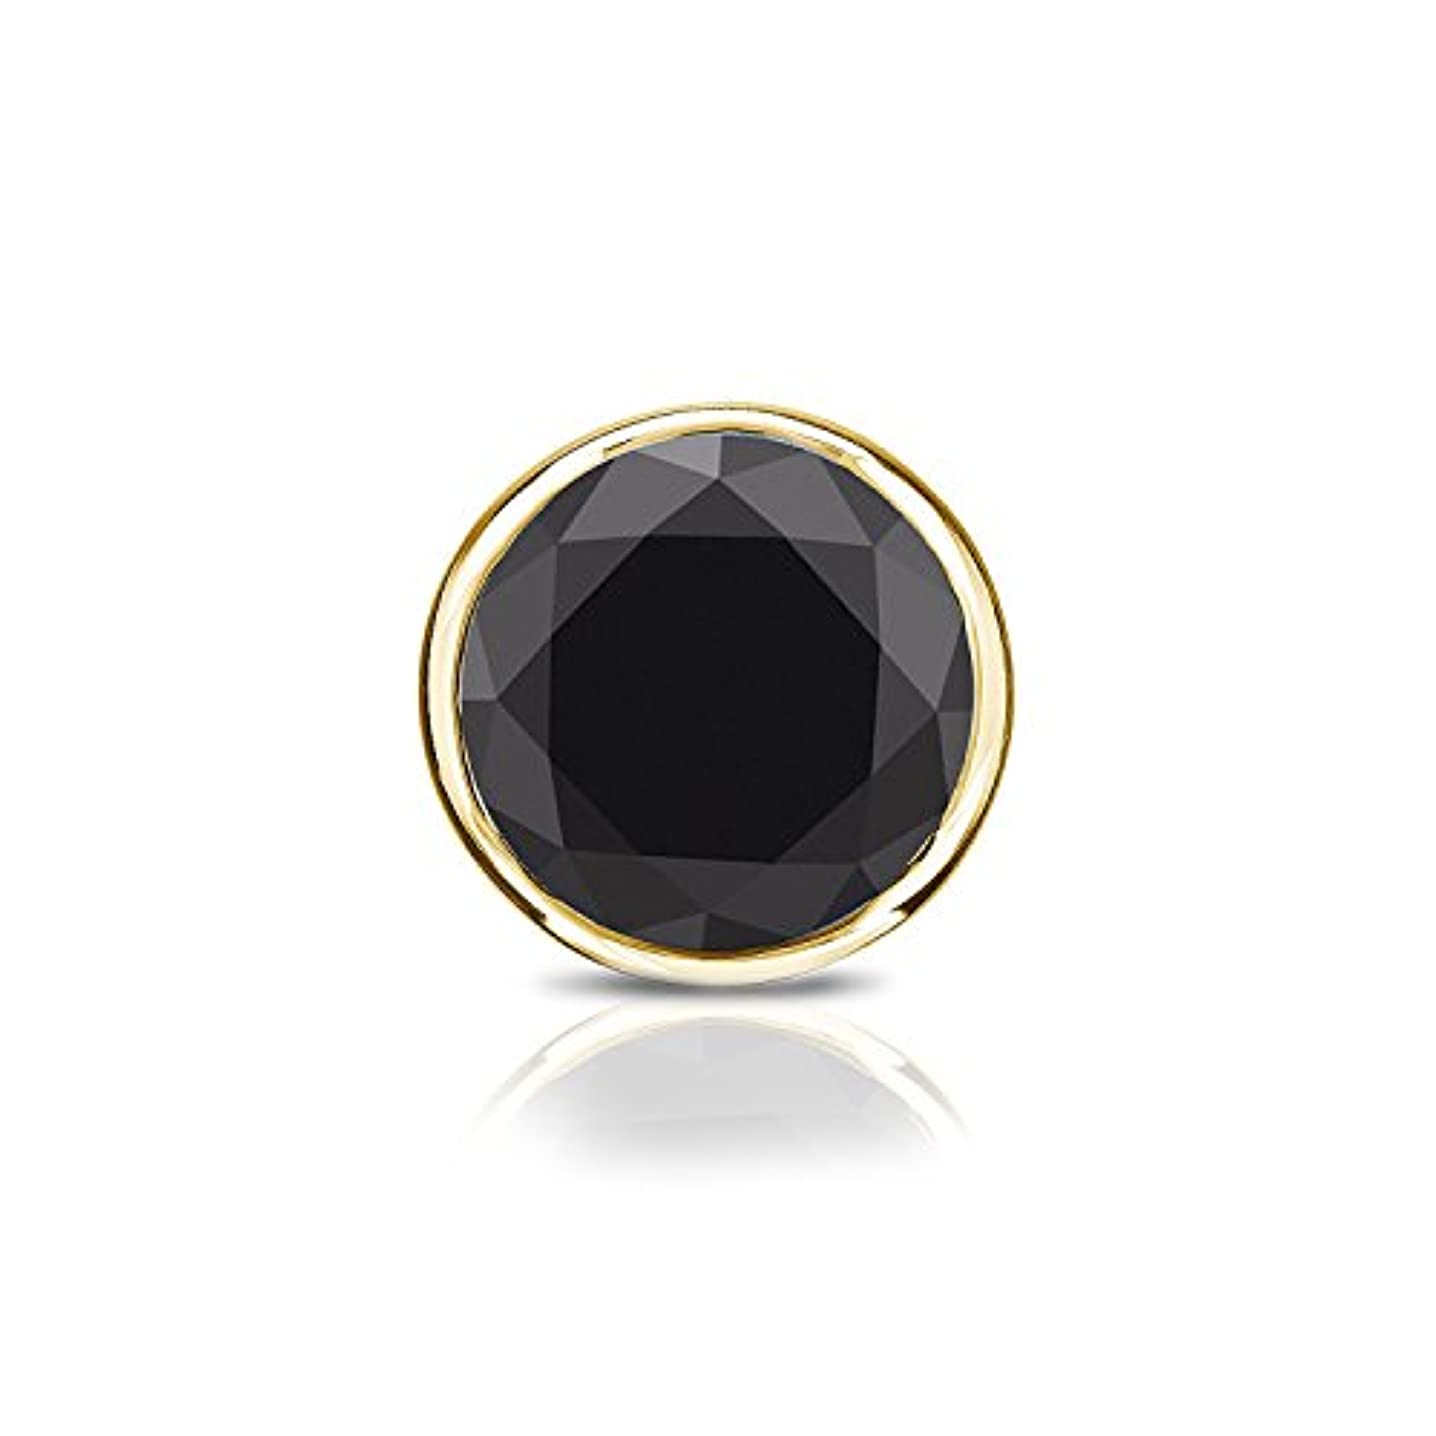 夢中純正相談する14 Kイエローゴールドbezel-setラウンドブラックダイヤモンドシングルスタッドイヤリング( 1 / 4 – 2 ct、ブラック) push-back